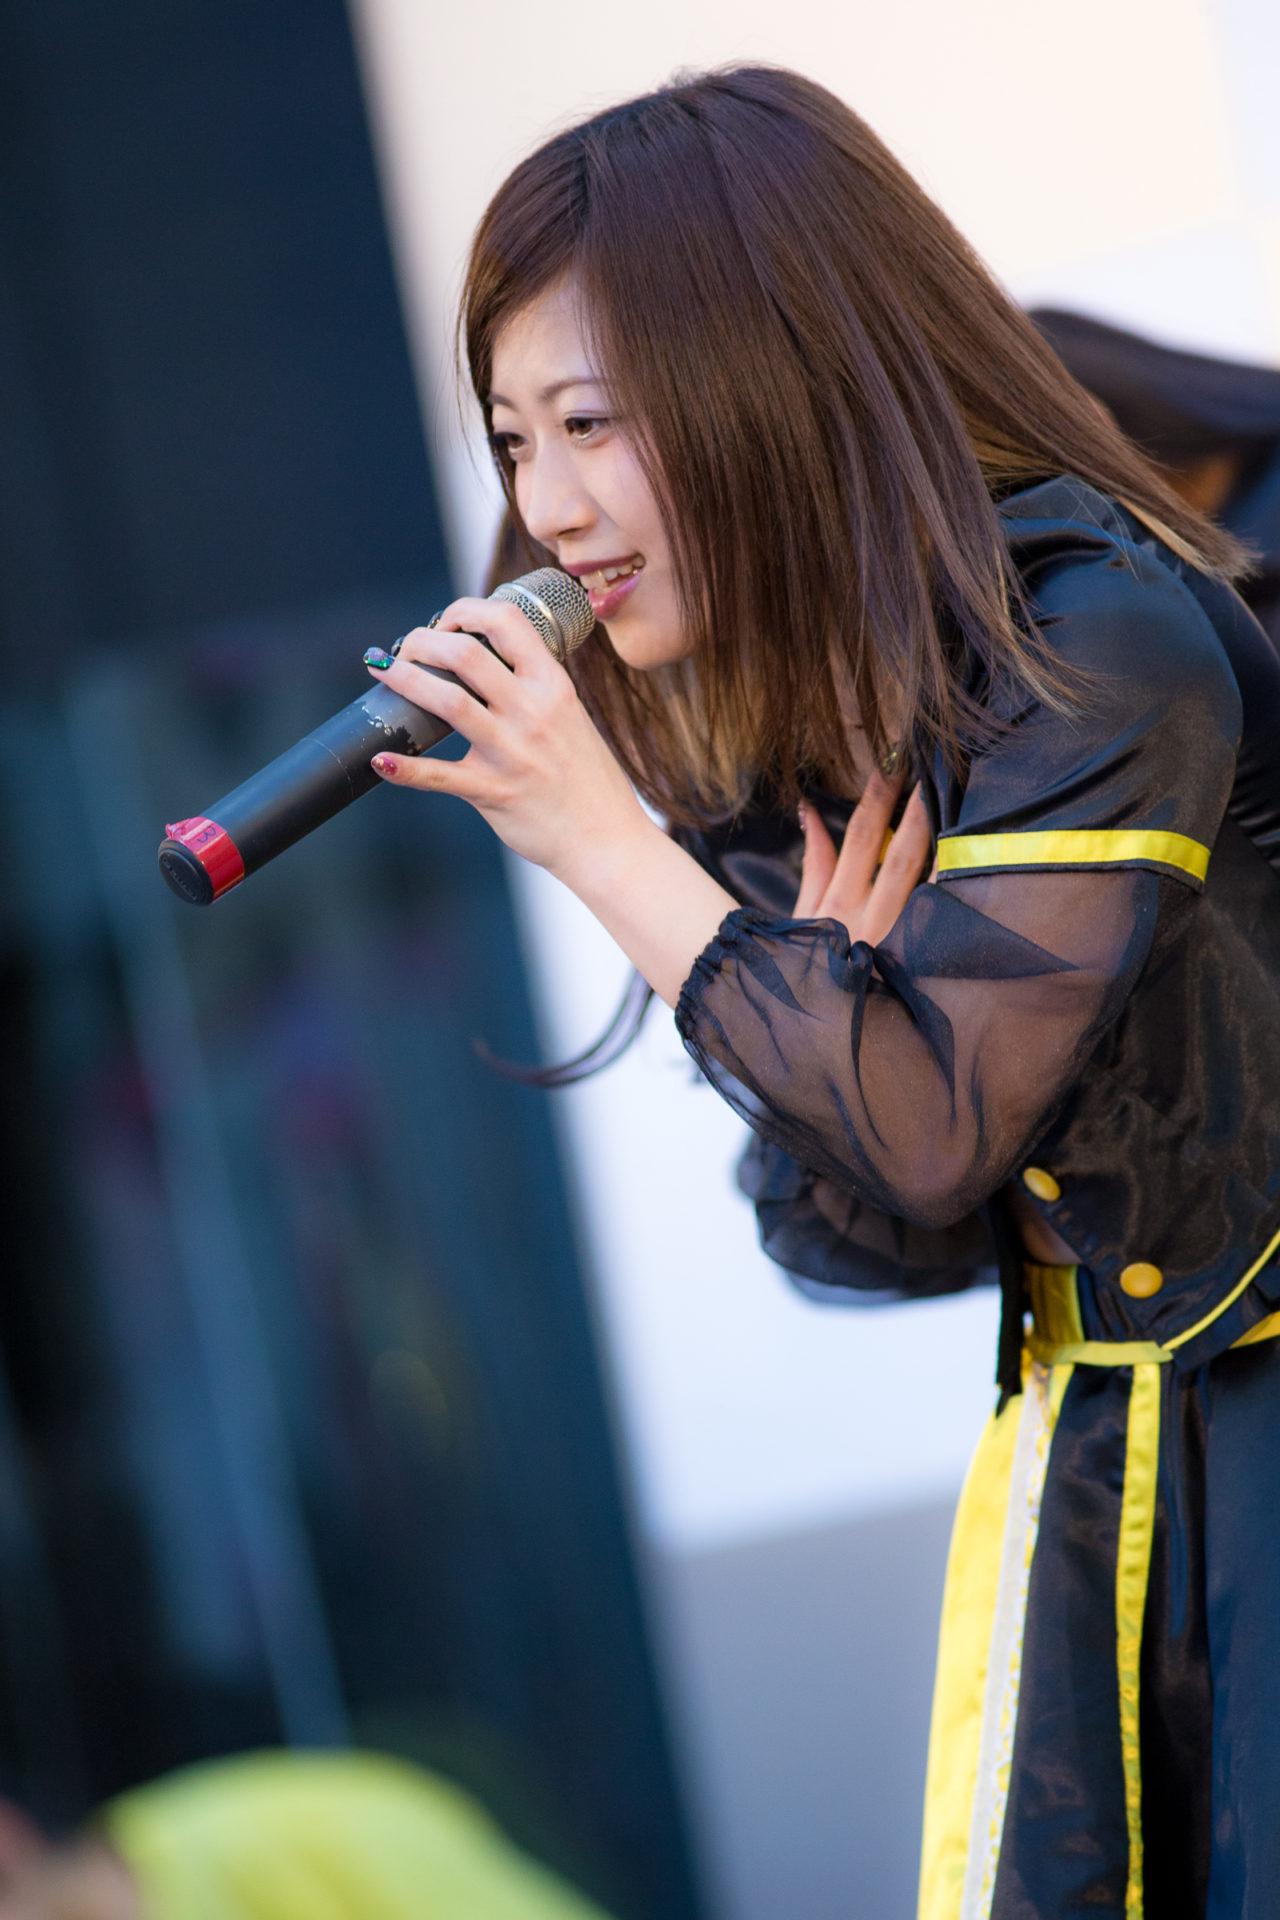 フルーティー♡ さい ( 北出彩 ) | キッズ JOB TOWN in サッポロファクトリー